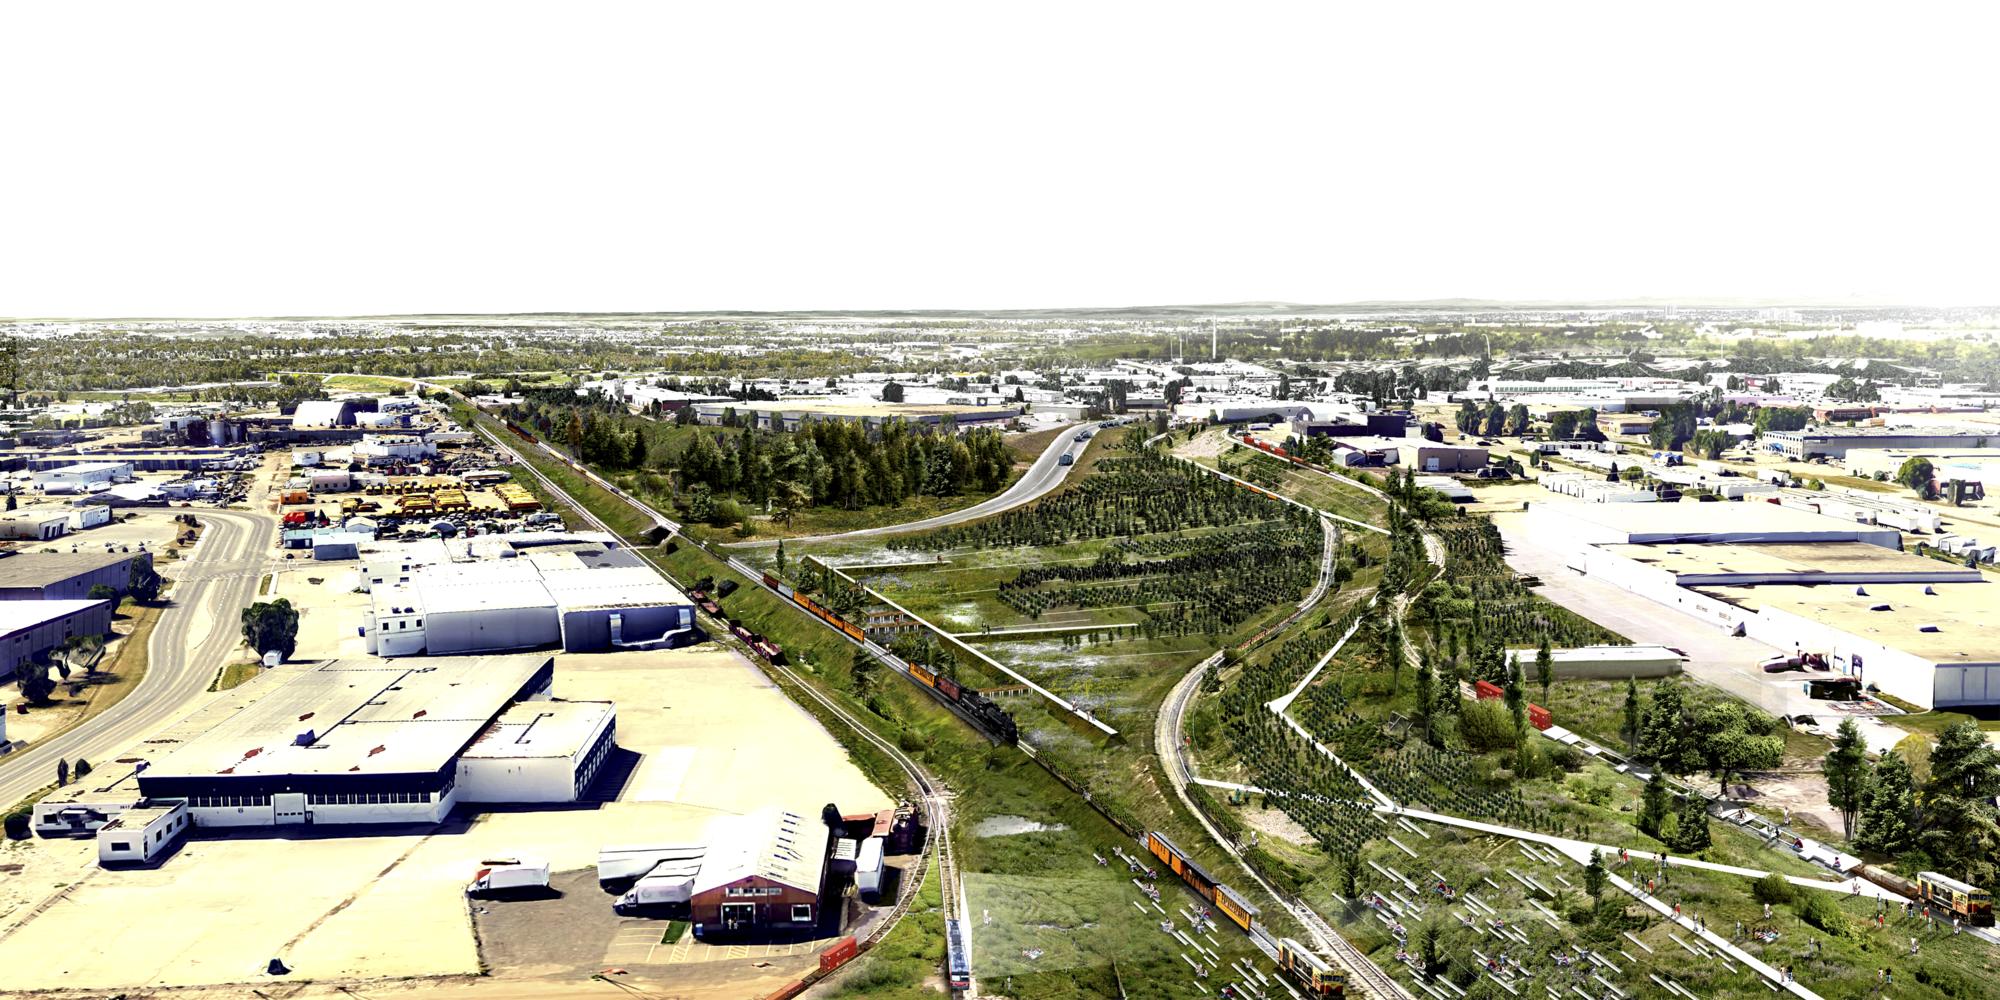 L-A-P Laboratorio de Arquitectura y Paisaje, primer lugar en concurso internacional 'Lost Spaces', Intervención general. Image Cortesia de L-A-P